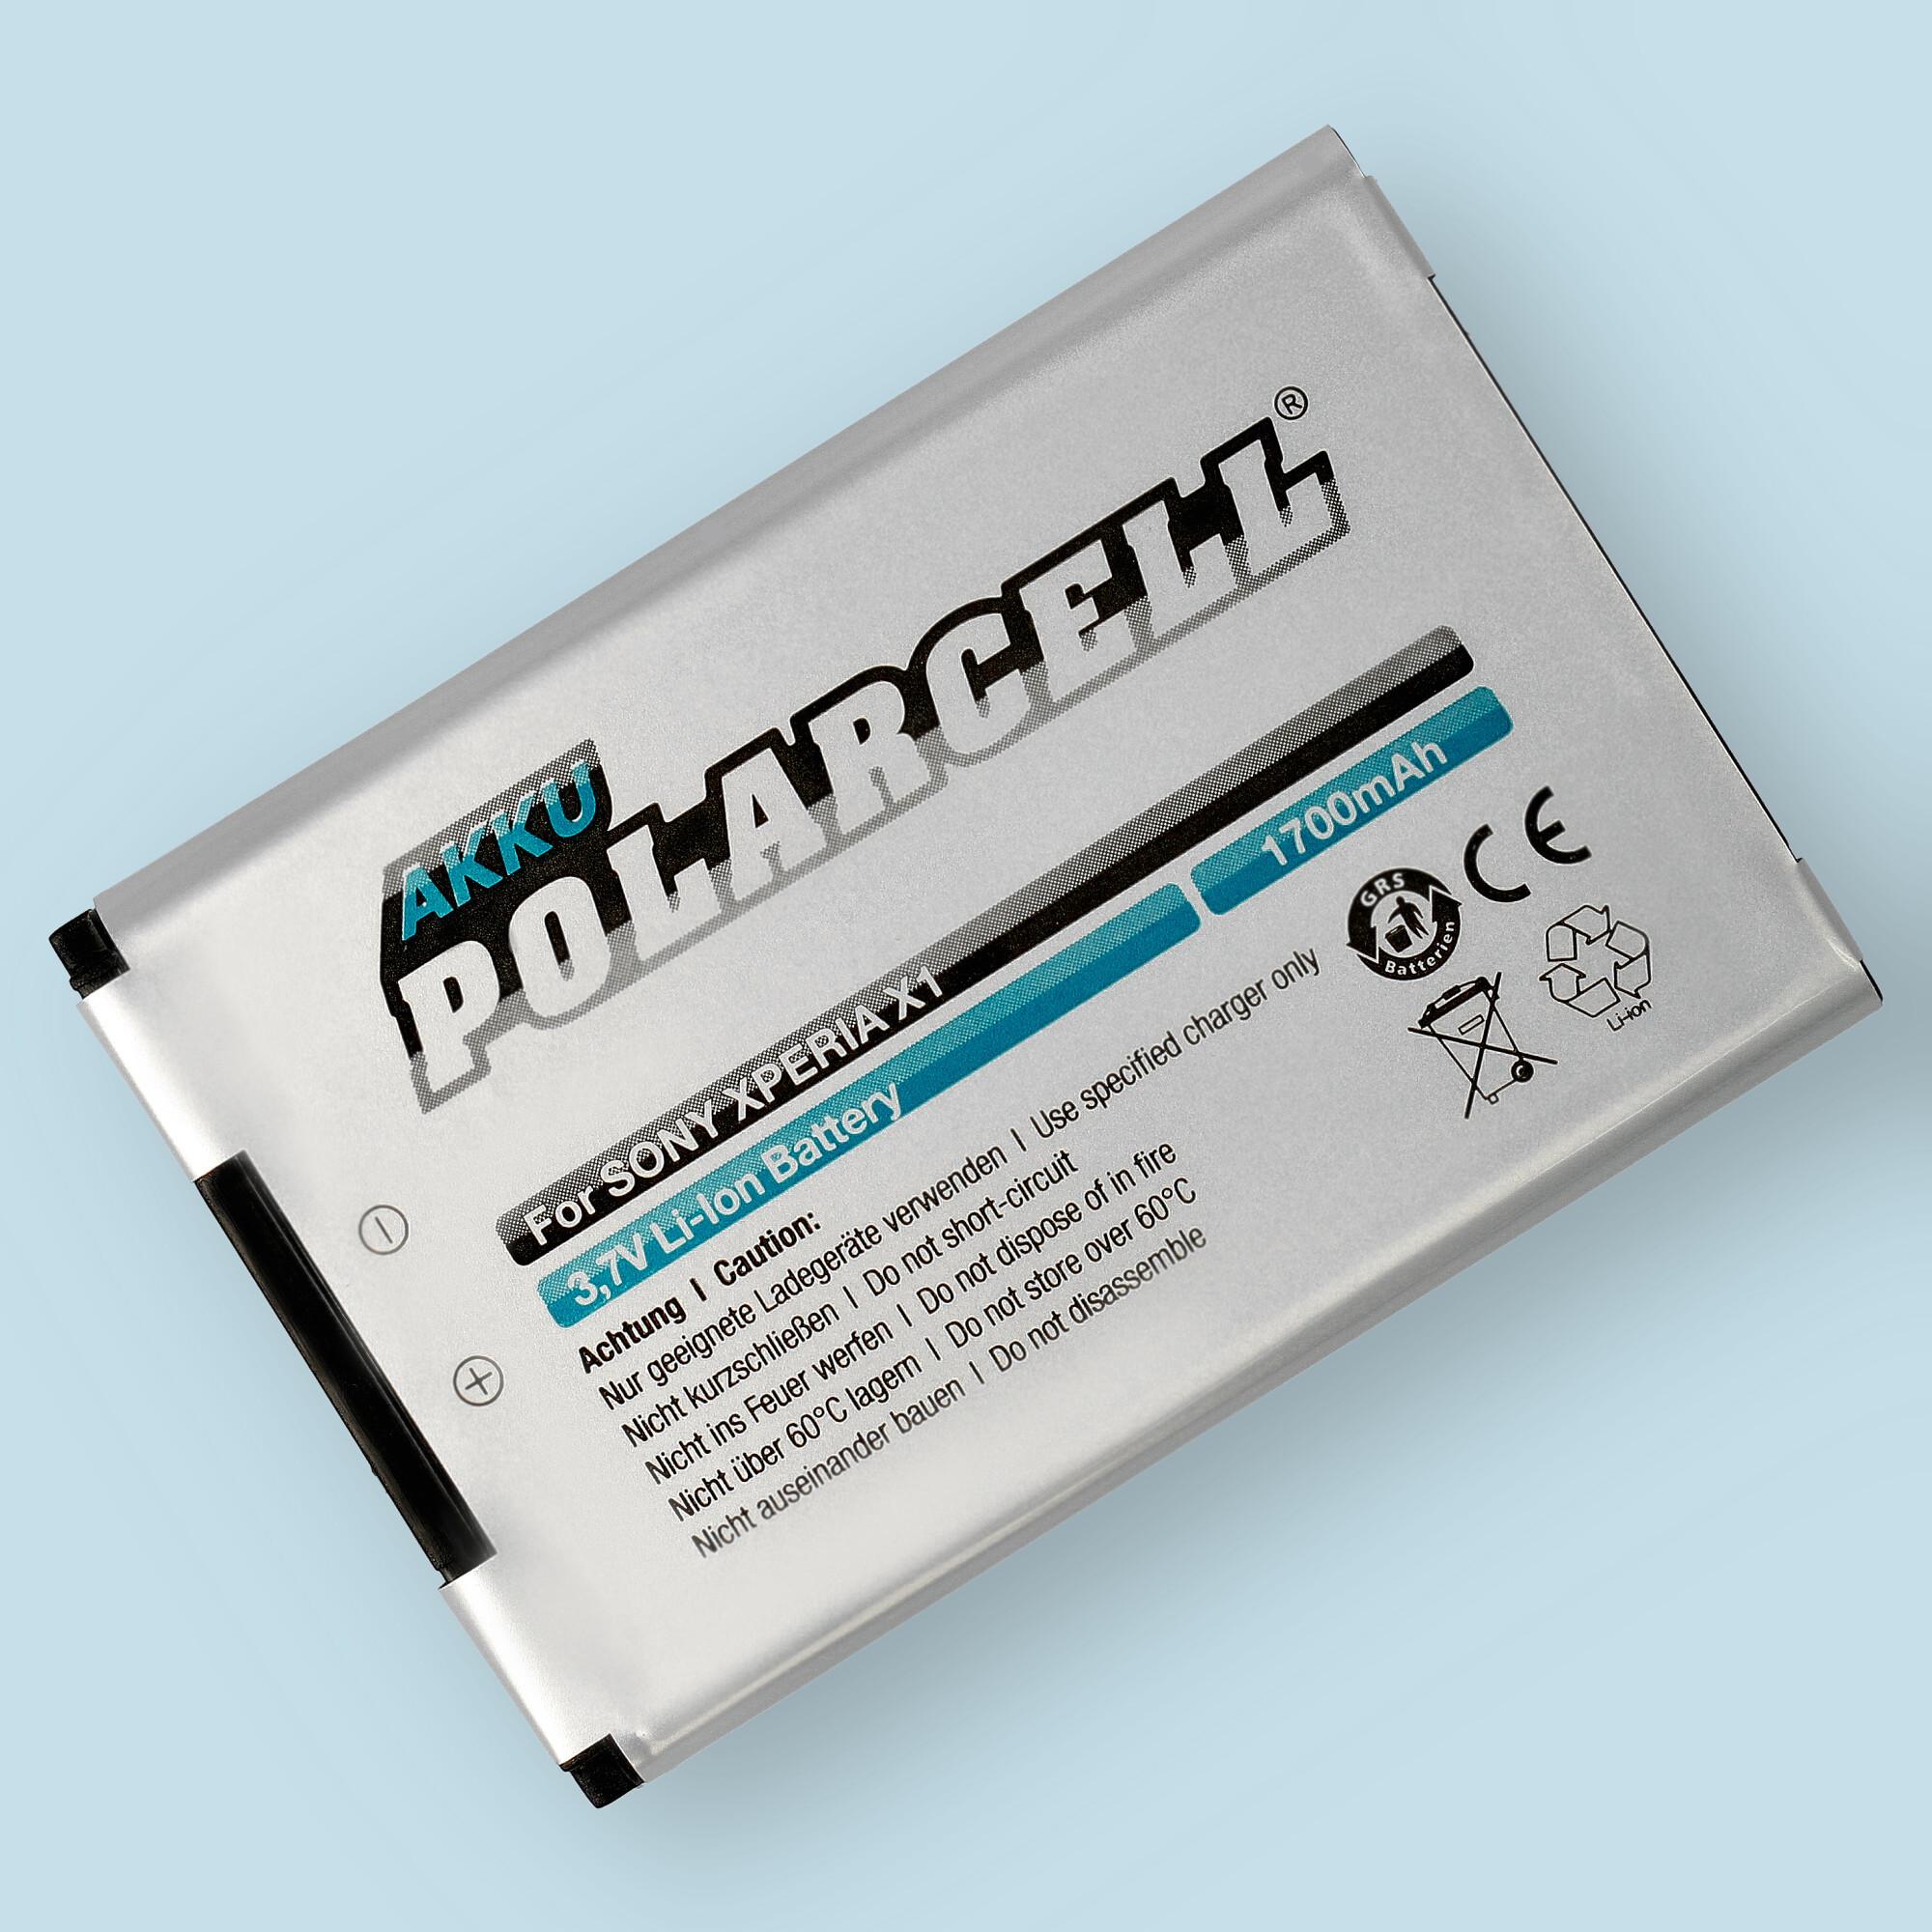 PolarCell® Hochleistungsakku für Sony-Ericsson Xperia X1, ersetzt Originalakku BST-41